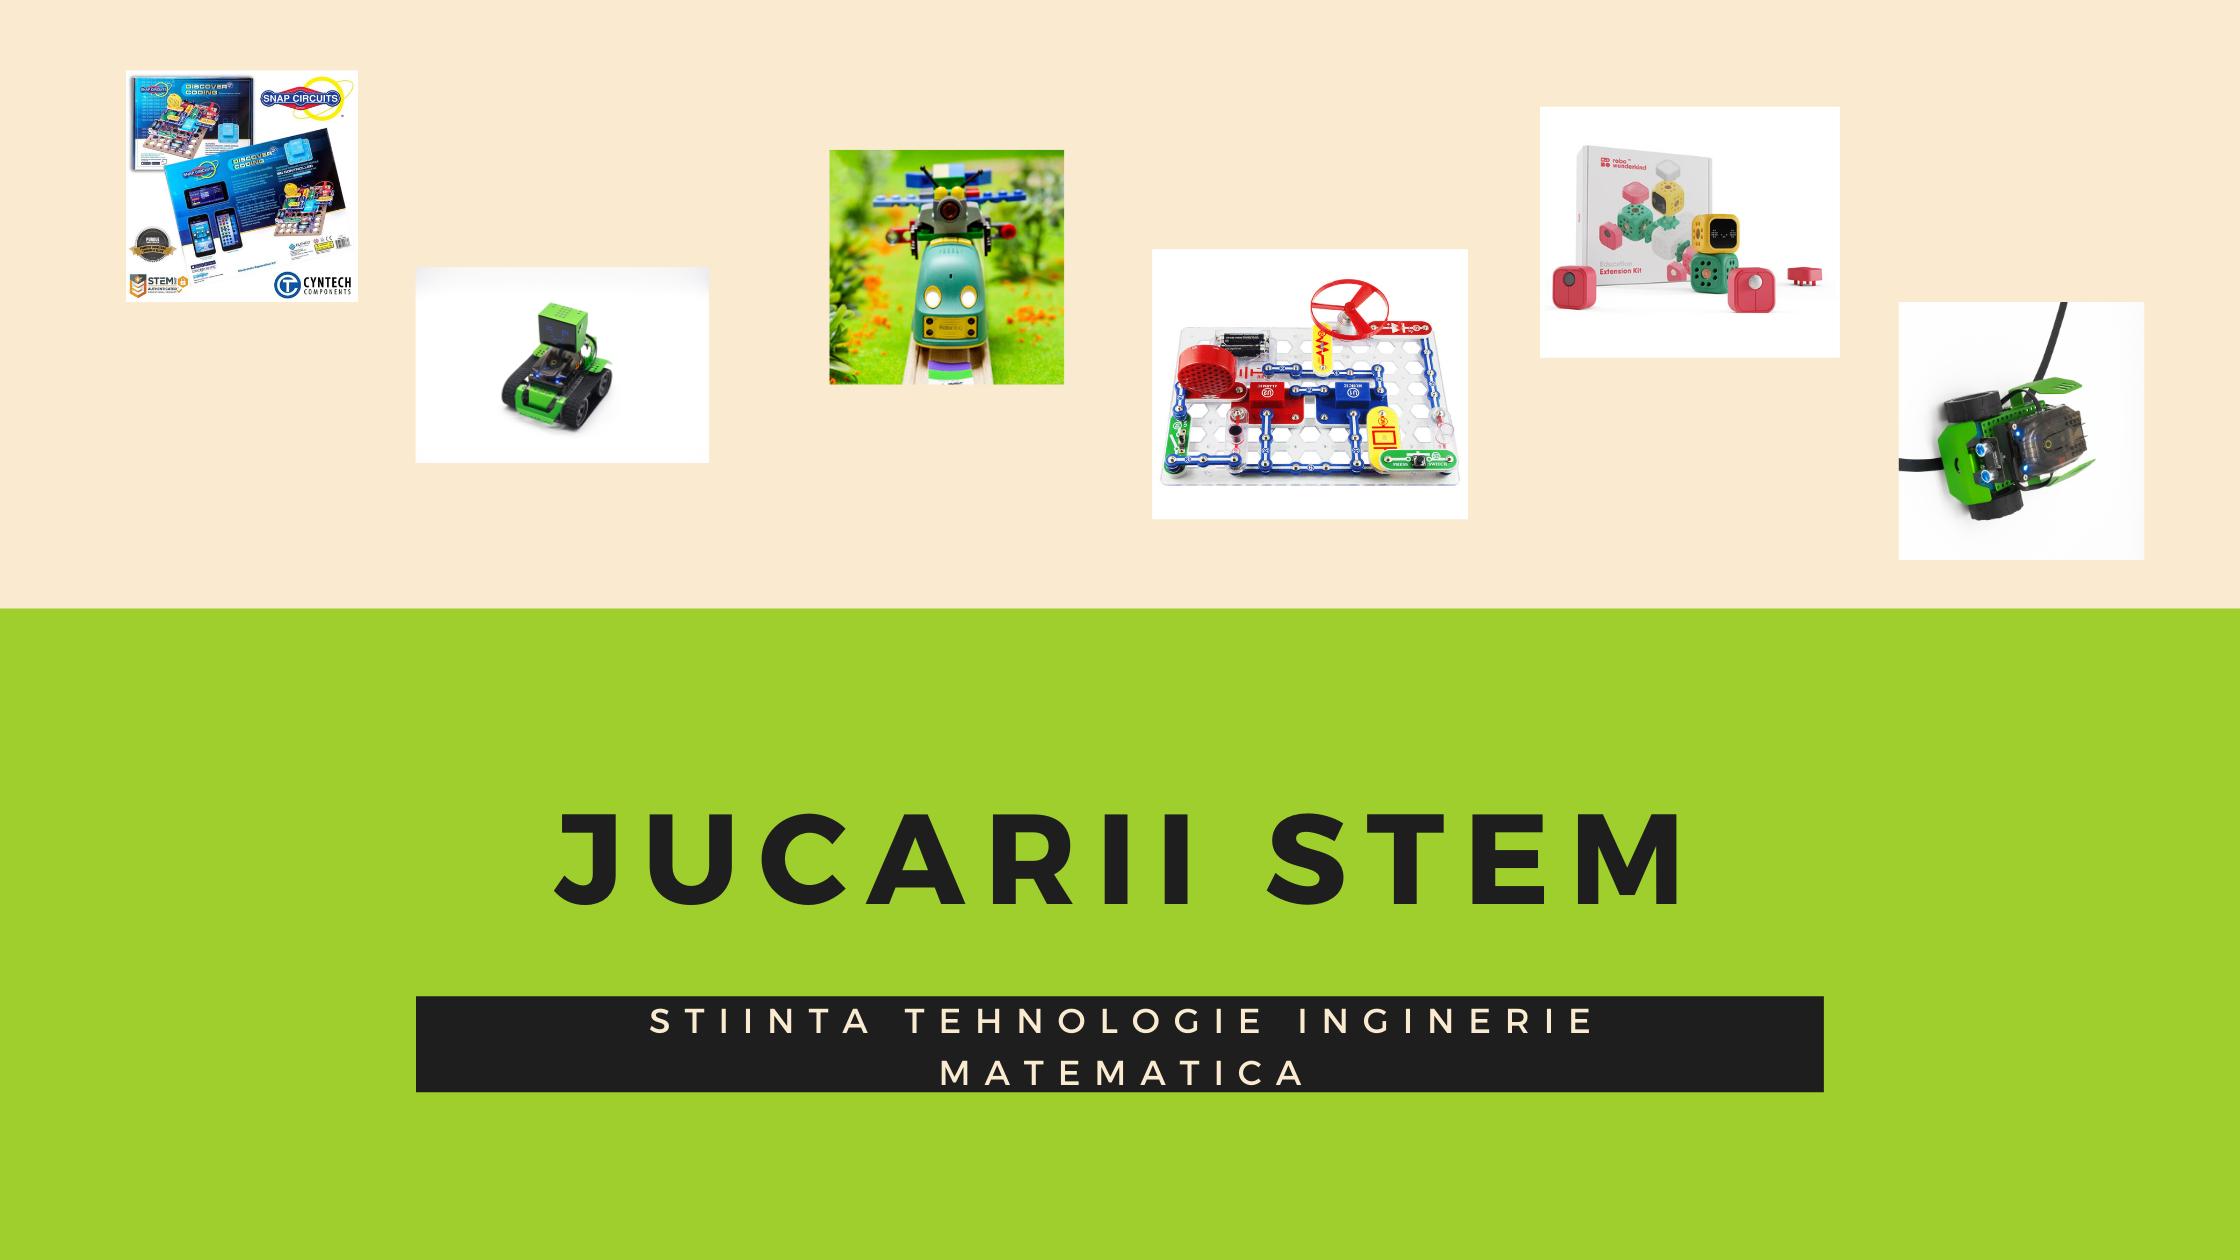 De ce este necesara introducerea jucariilor STEM in viata copiilor si in curricula scolara - Kituri educationale